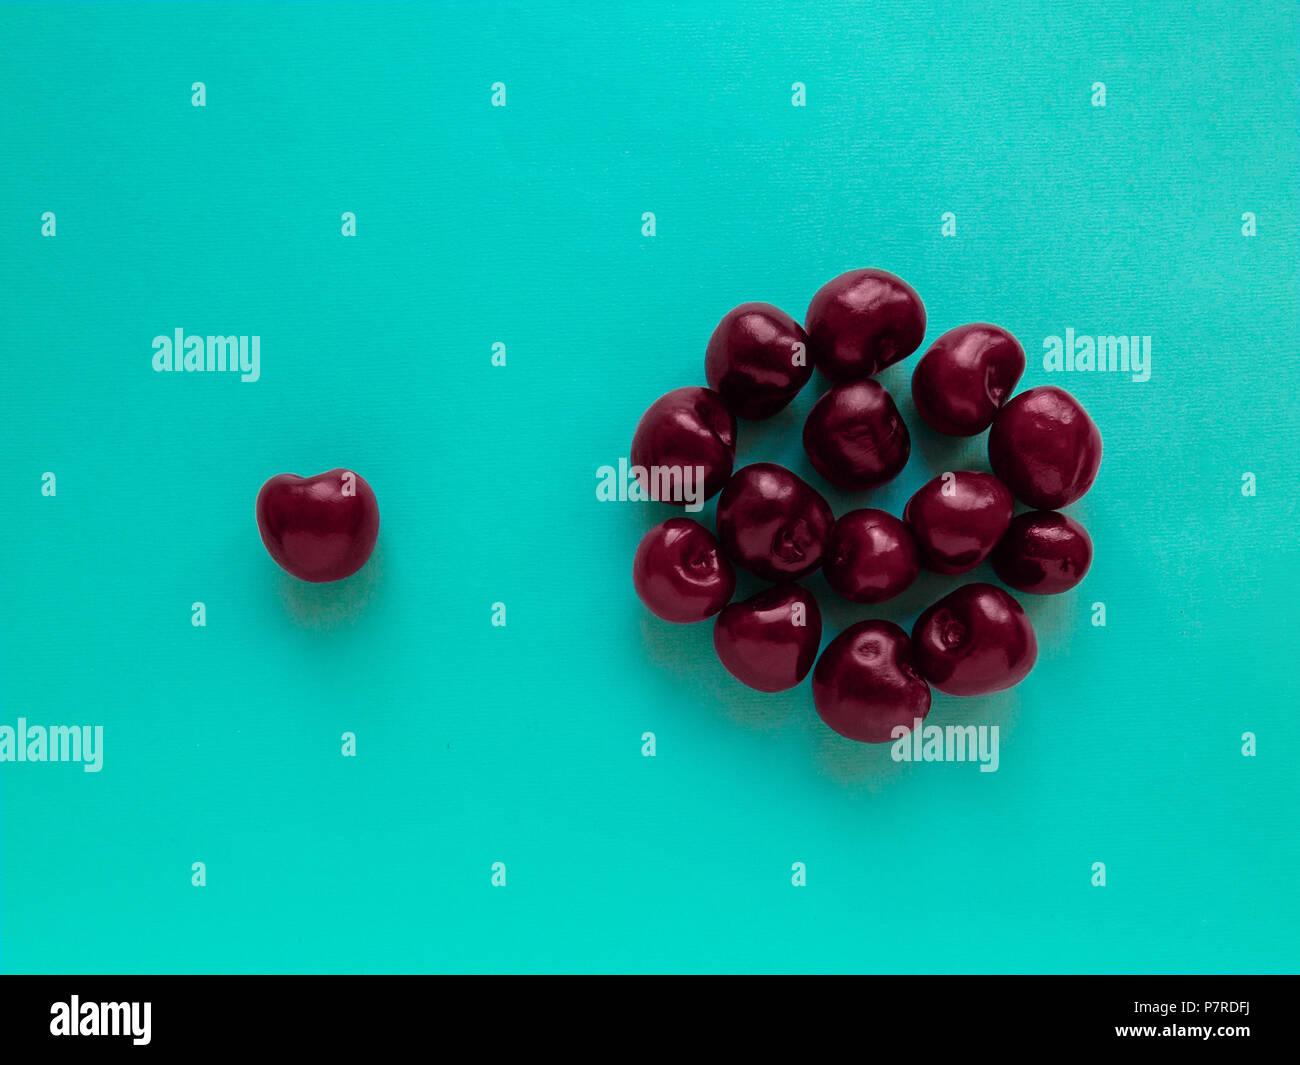 Cherry Draufsicht Viele reifen Kirschen in die runde Form auf blauem Hintergrund liegen flach Foto Stockbild